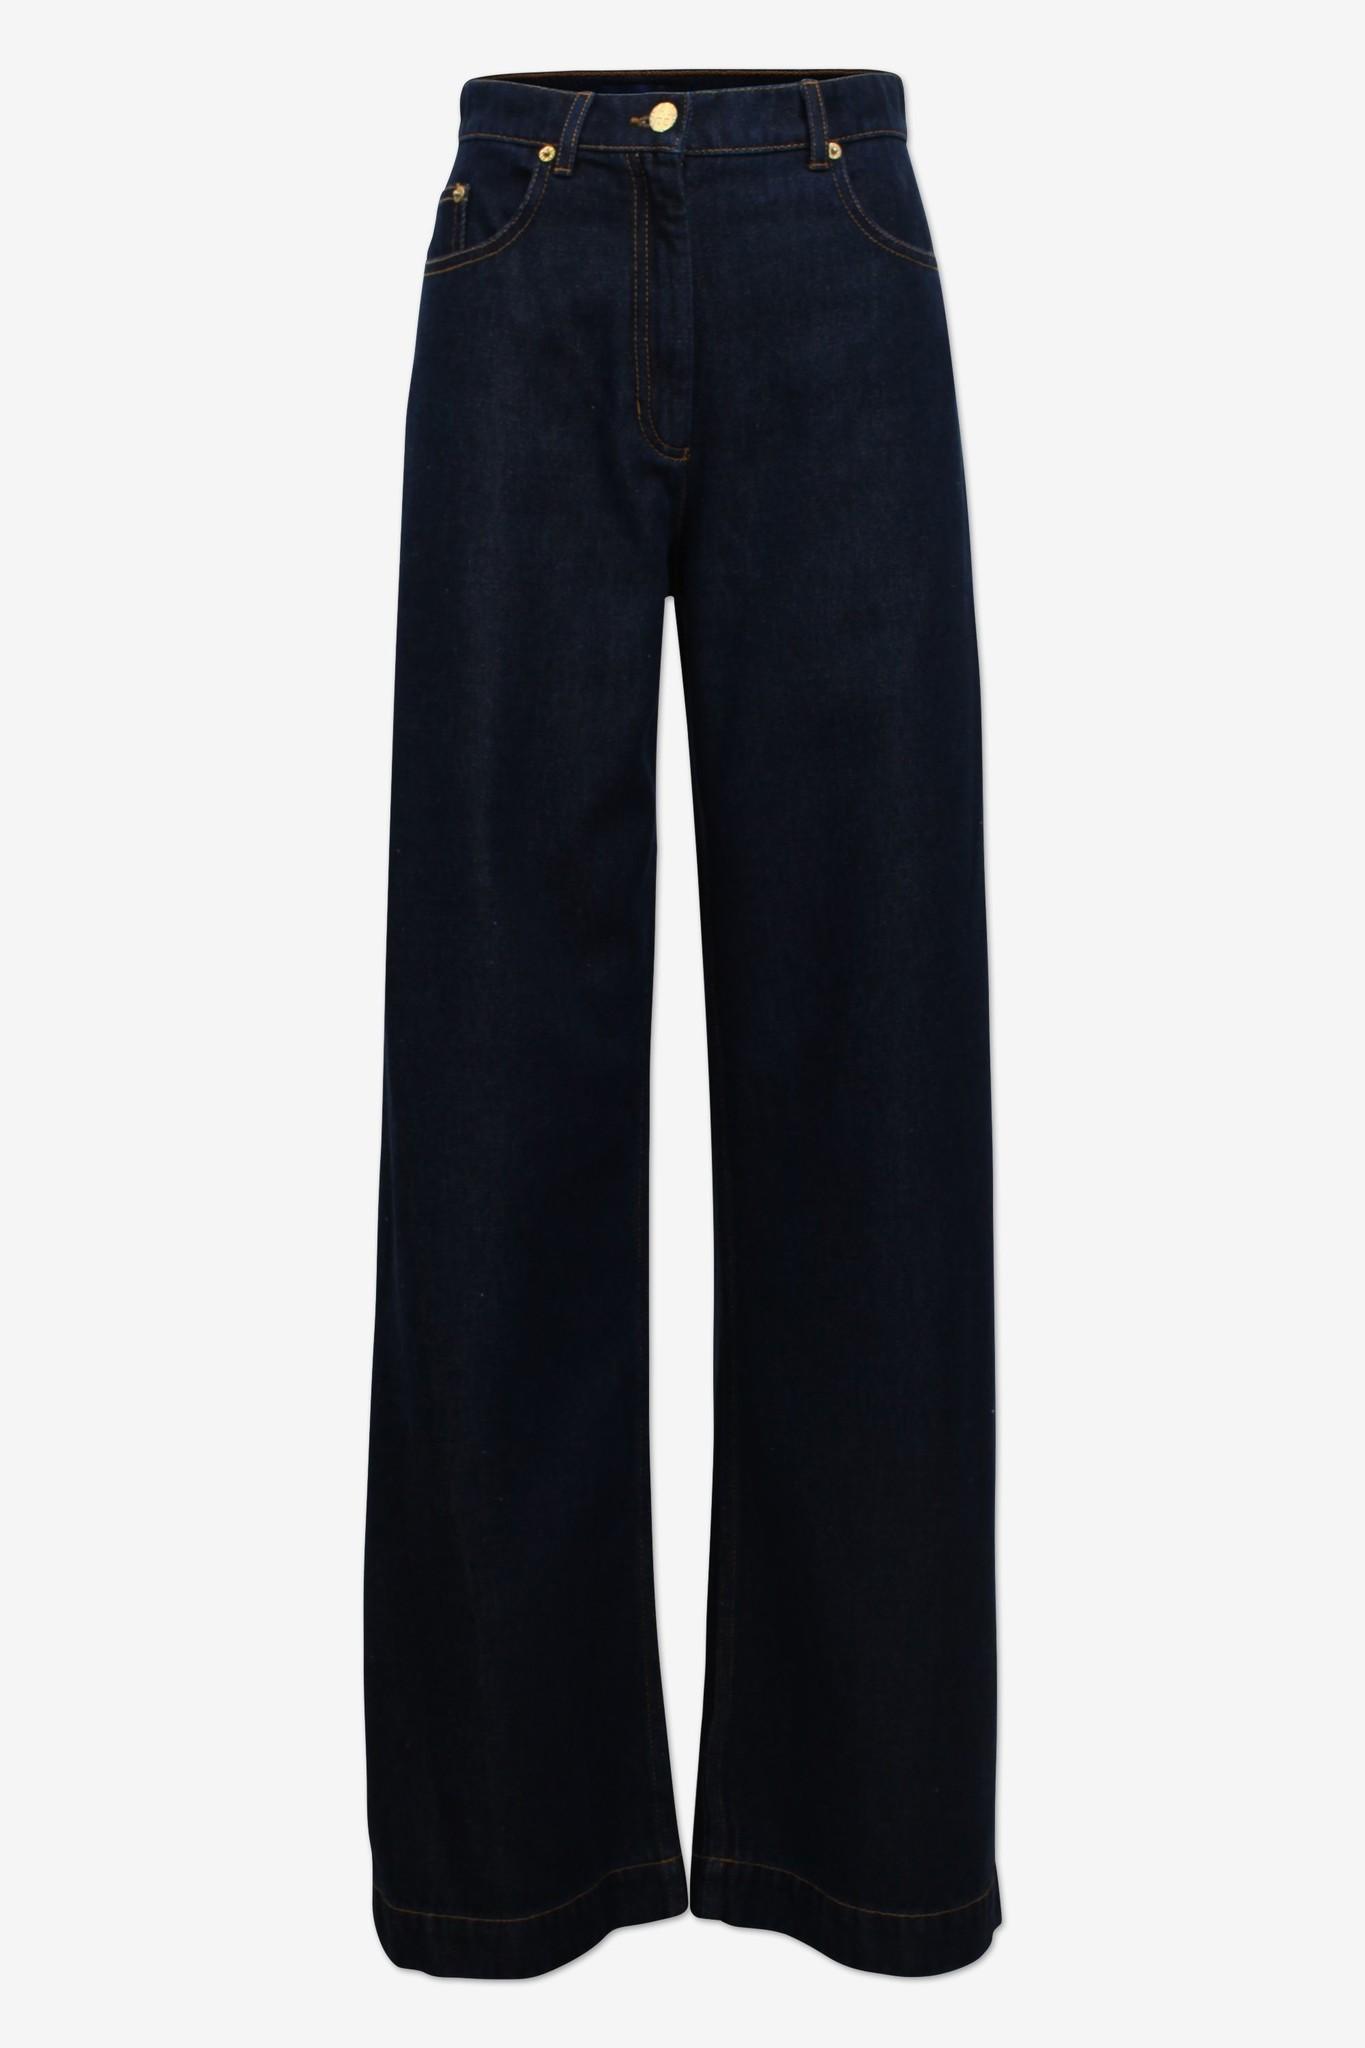 BAUM UND PFERDGARTEN jeans nikka-1